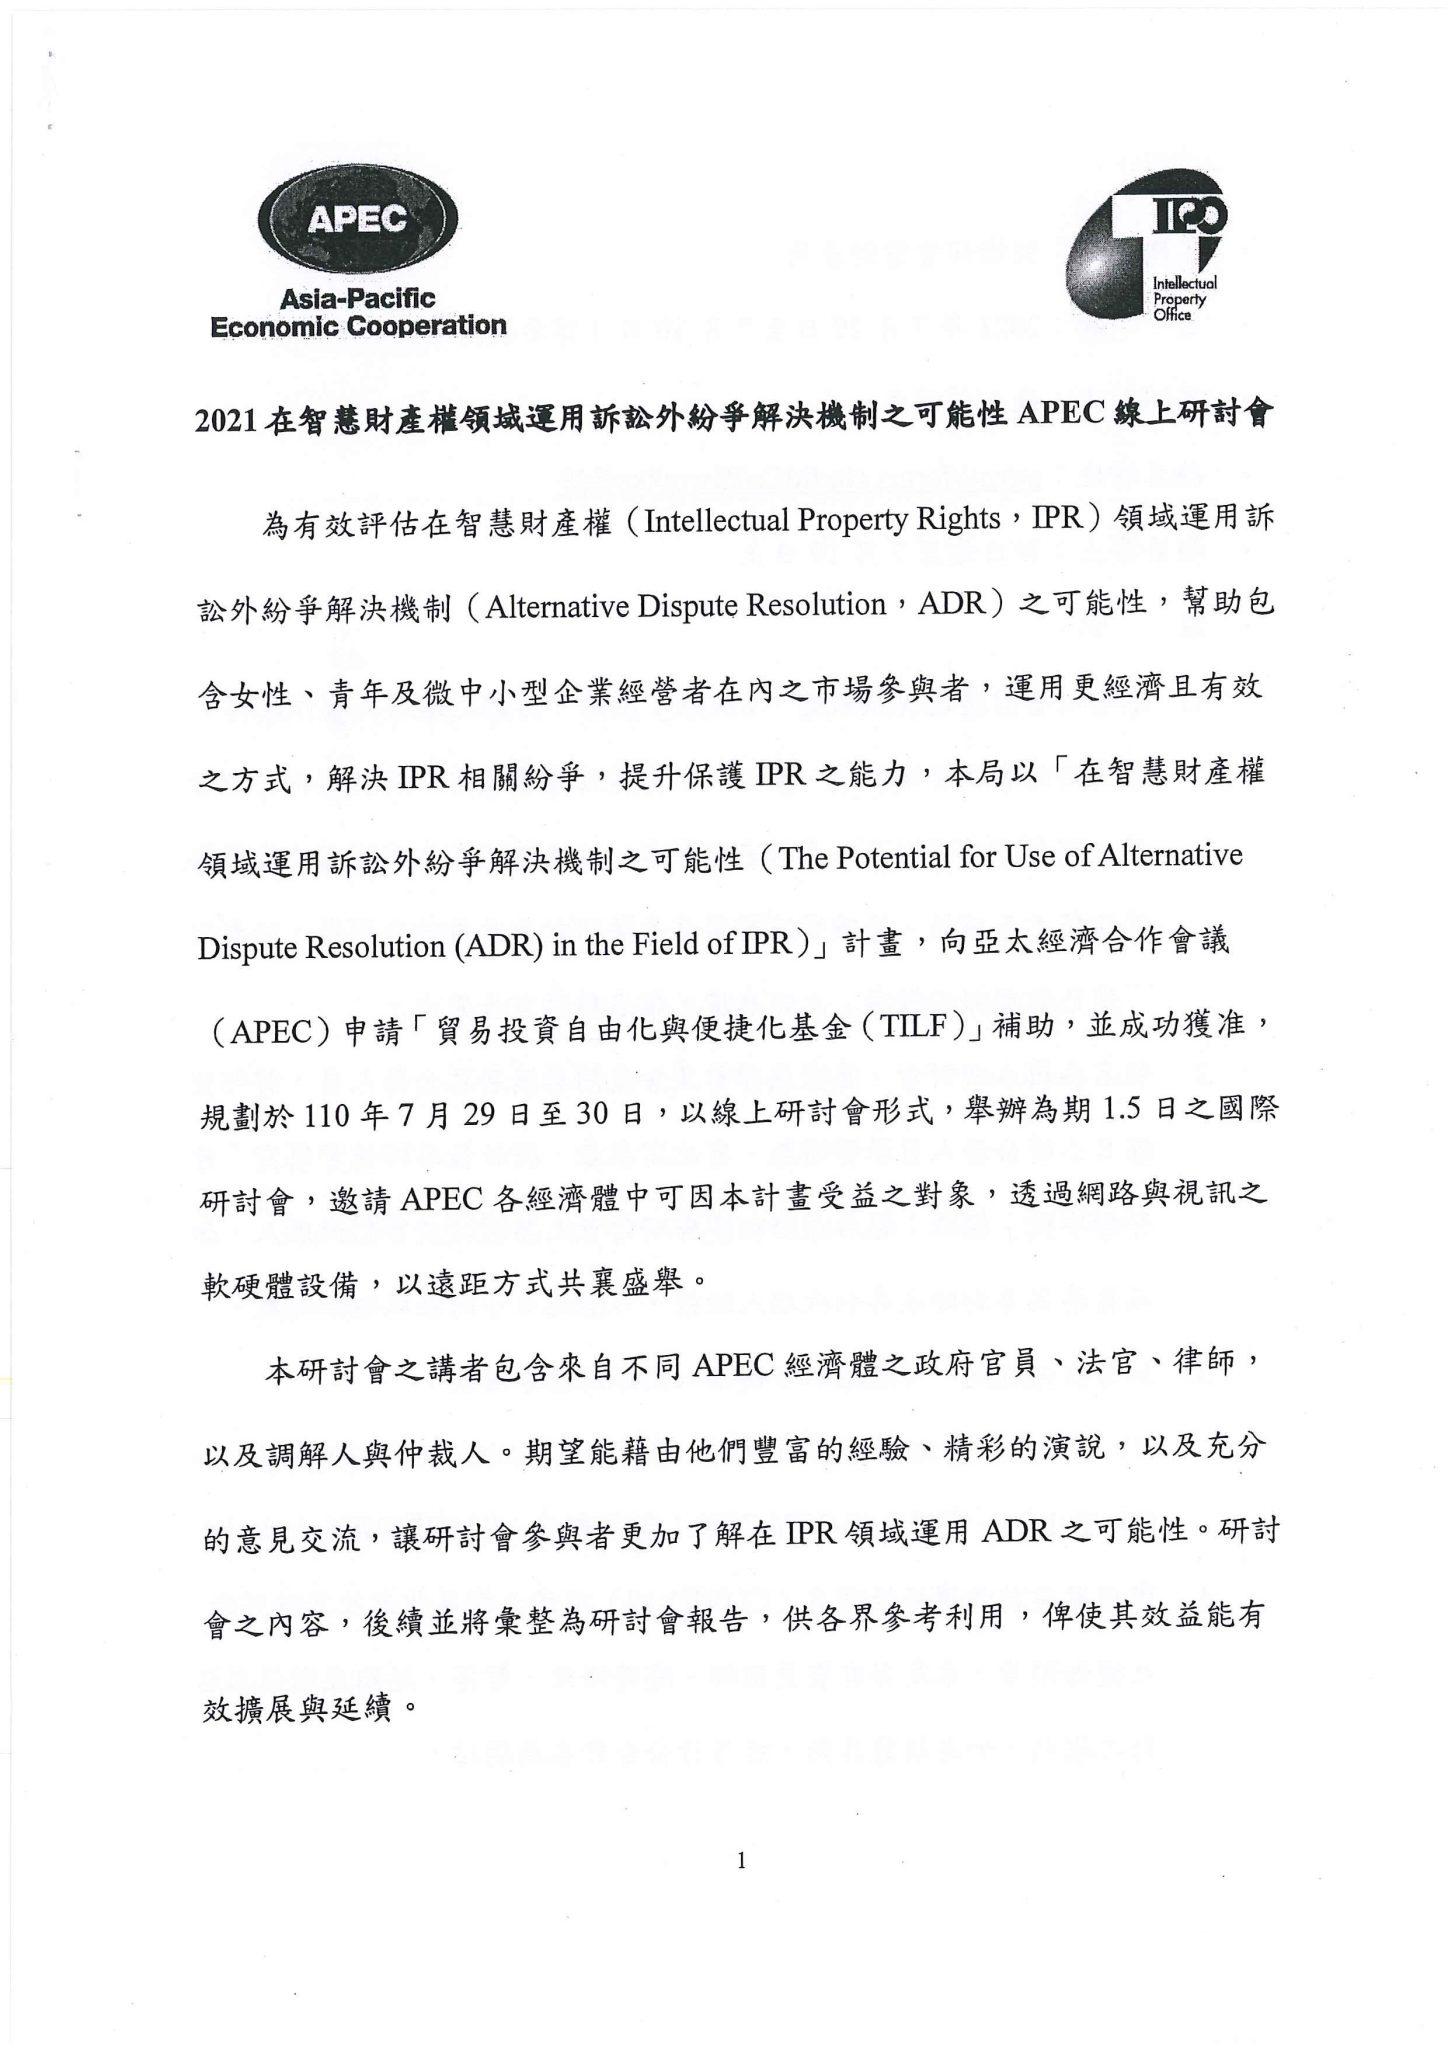 智慧局-2021智慧財產權領域運用訴訟外紛爭解決機制之可能性APEC線上研討會20210629_頁面_3